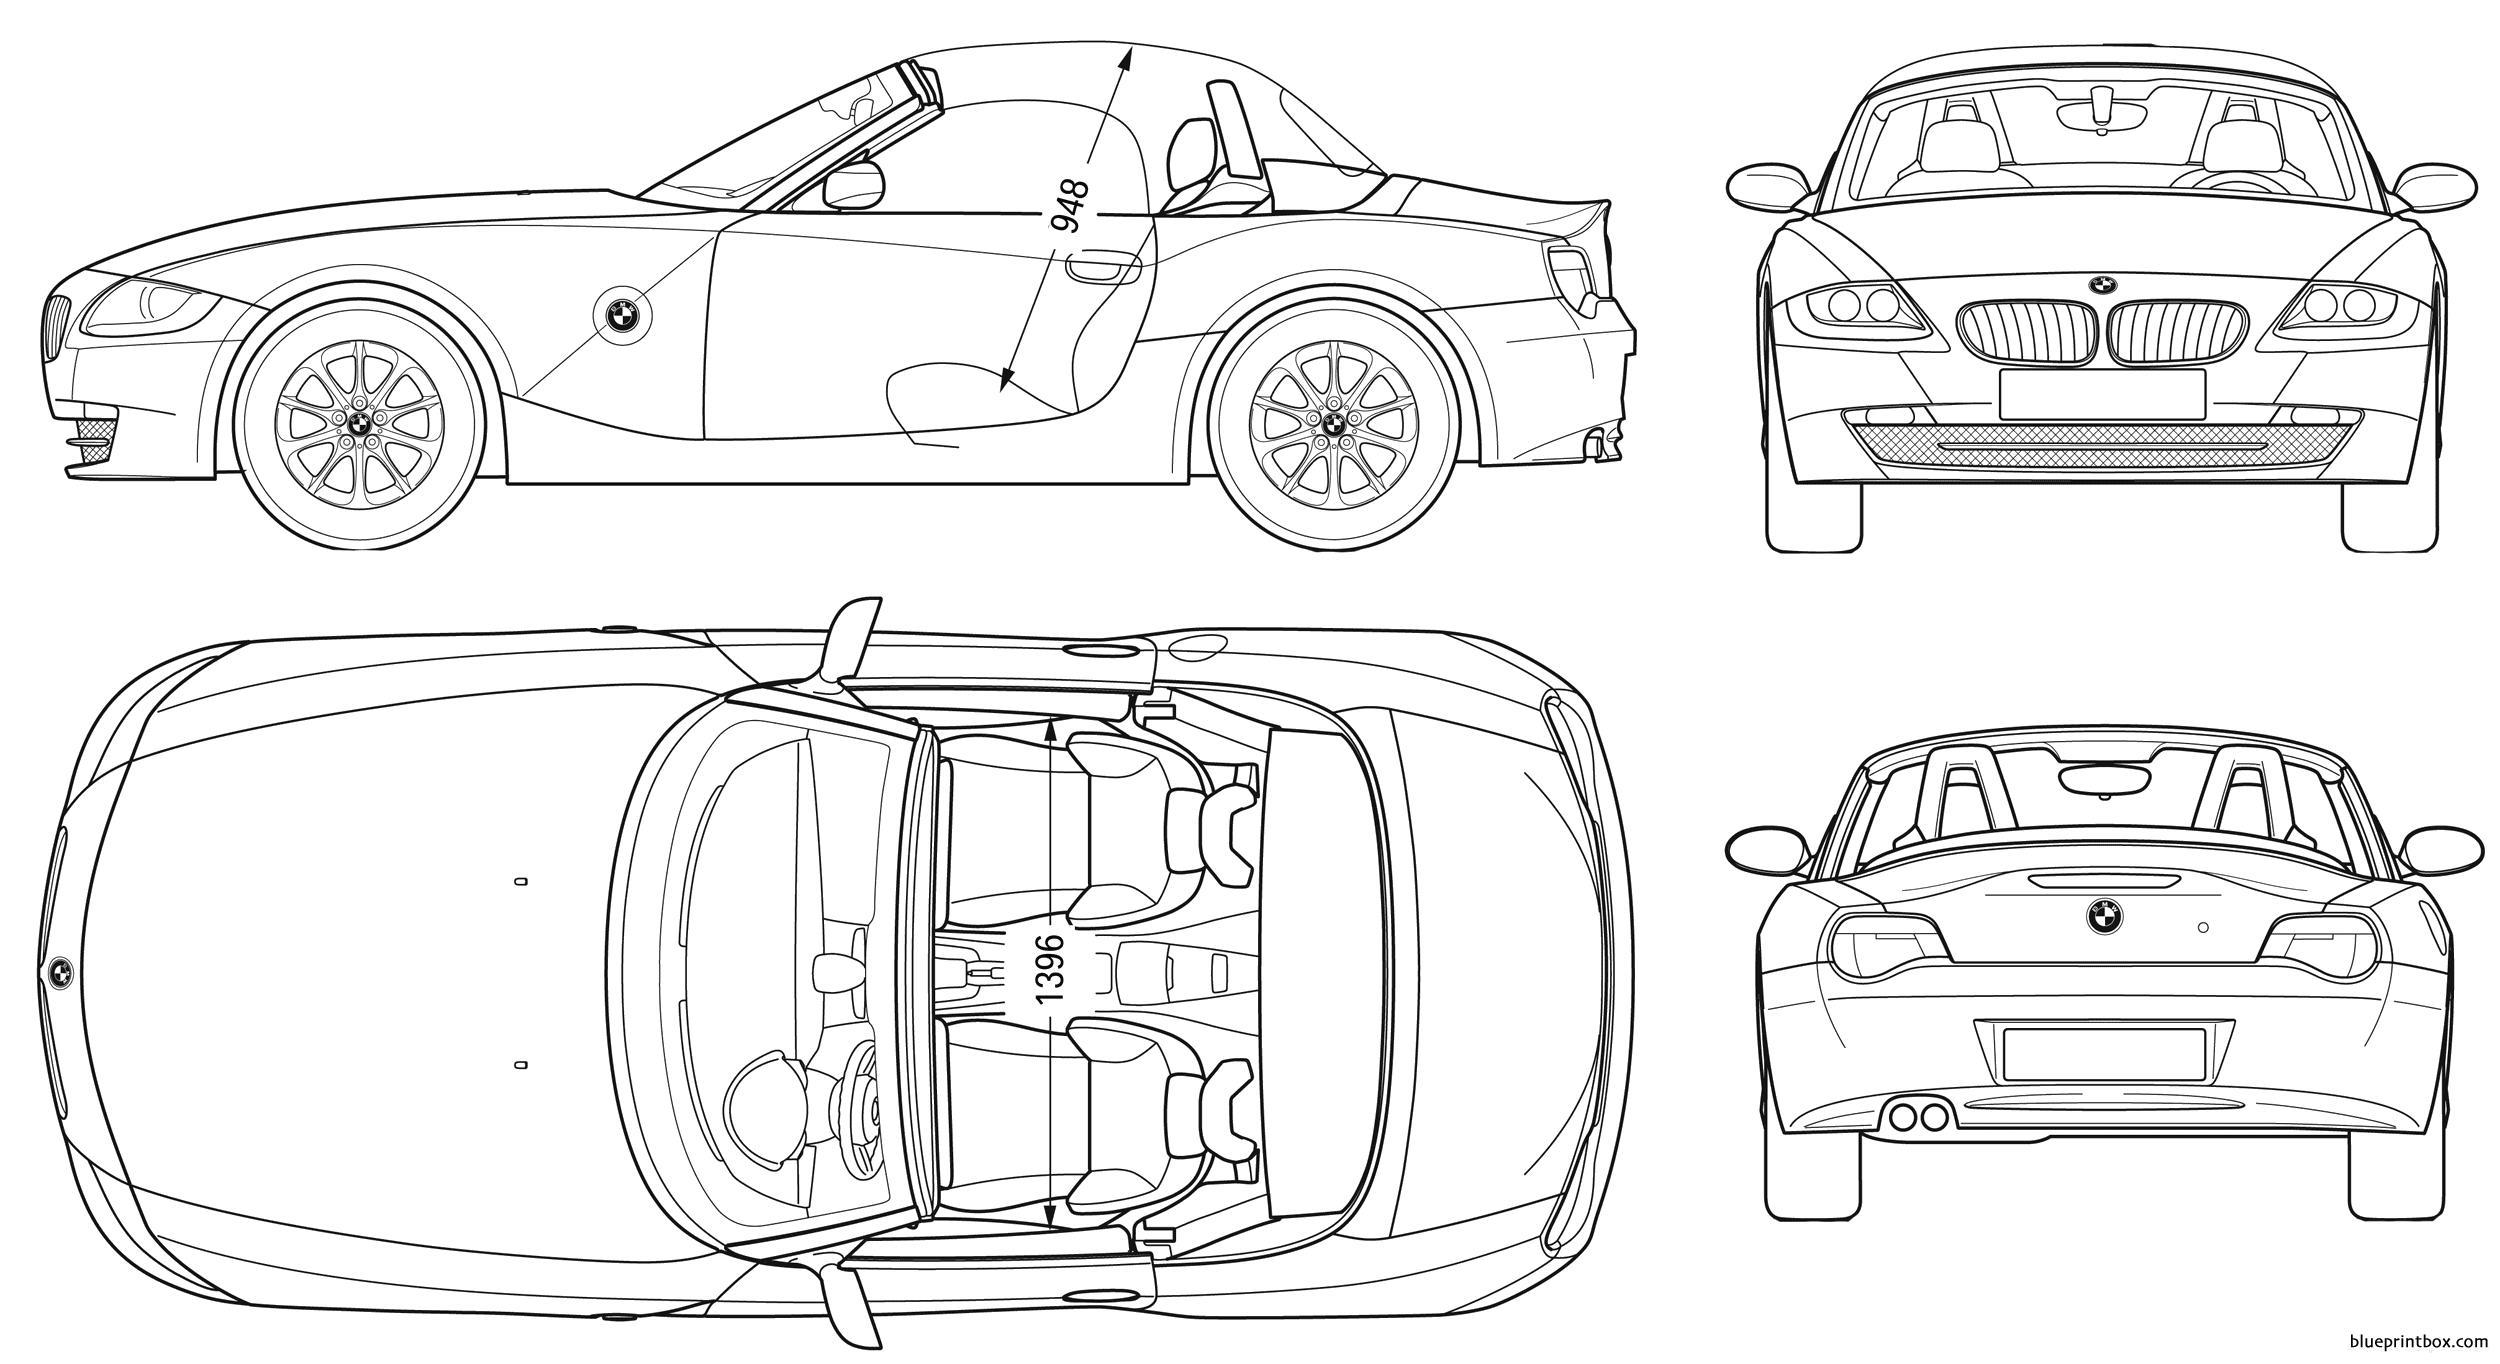 Bmw Z4 Roadster E85 - Blueprintbox Com